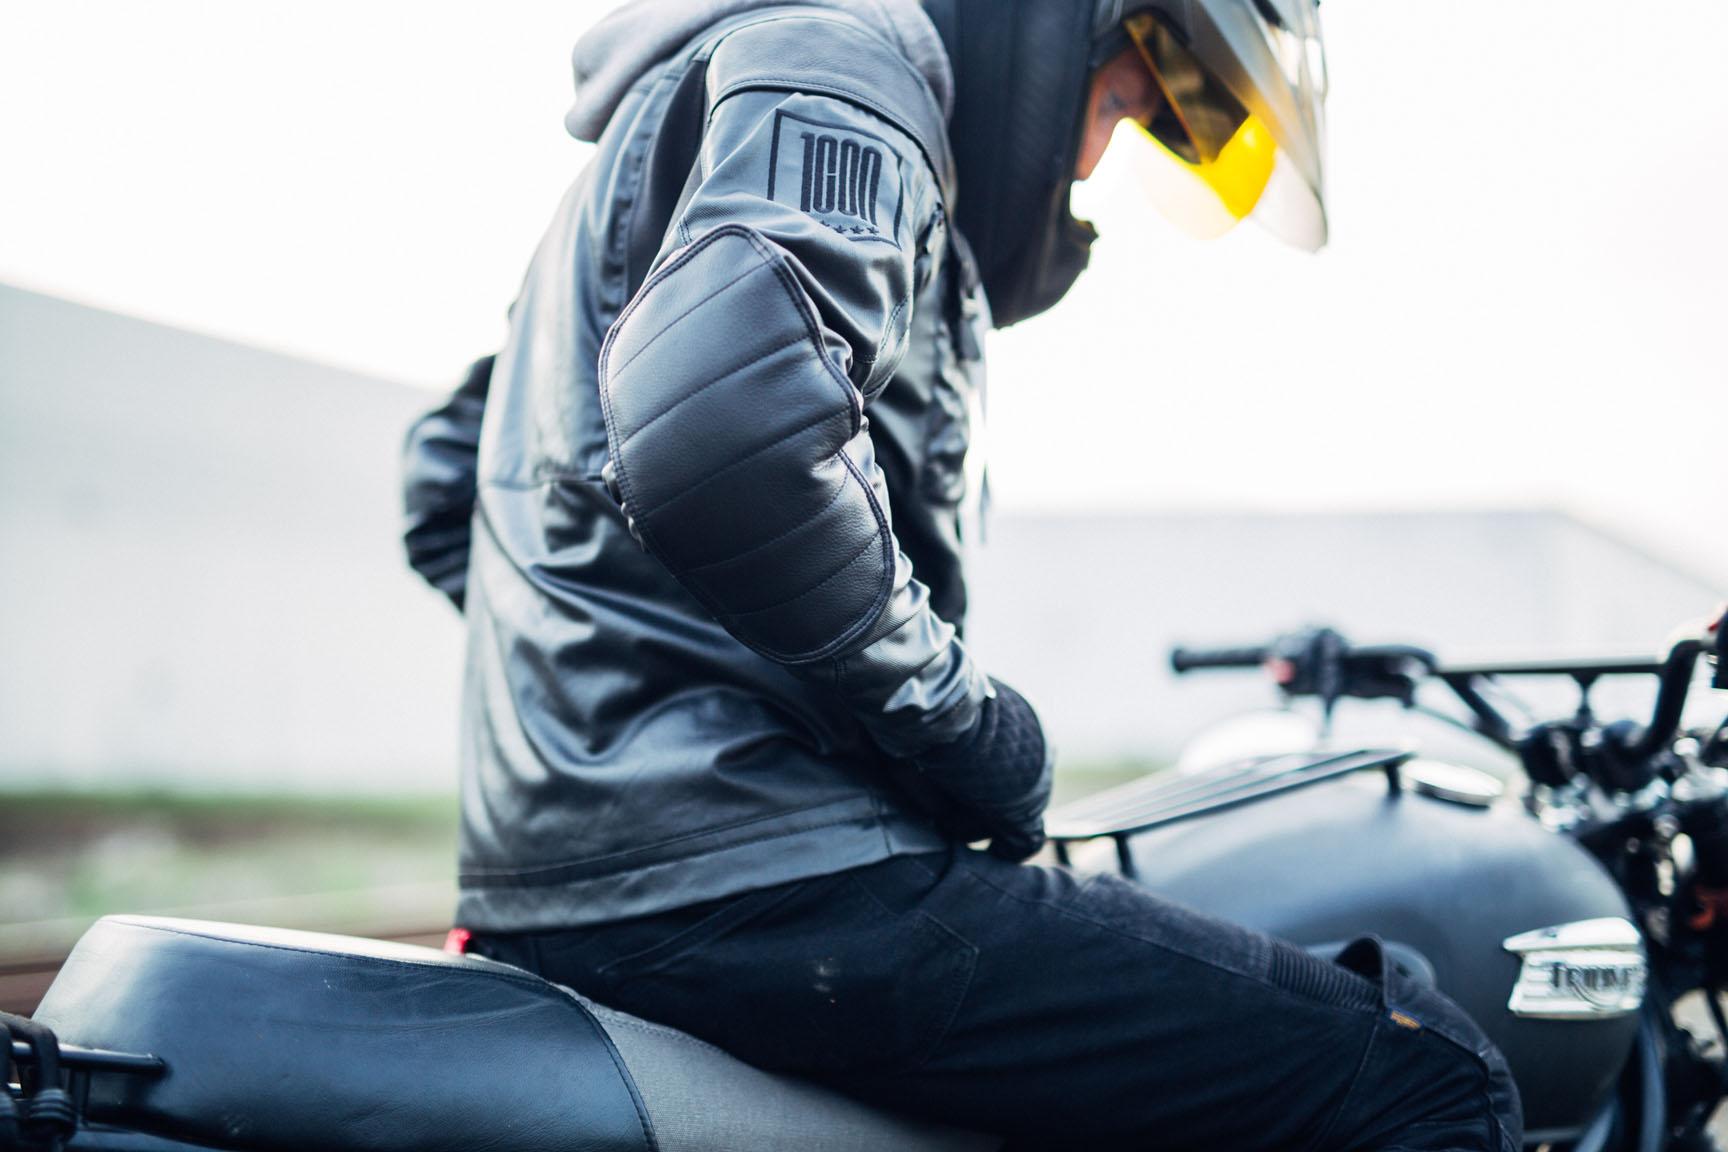 ICON1000-VARIANT-CARBON-MOTORCYCLE-HELMET-6.JPG